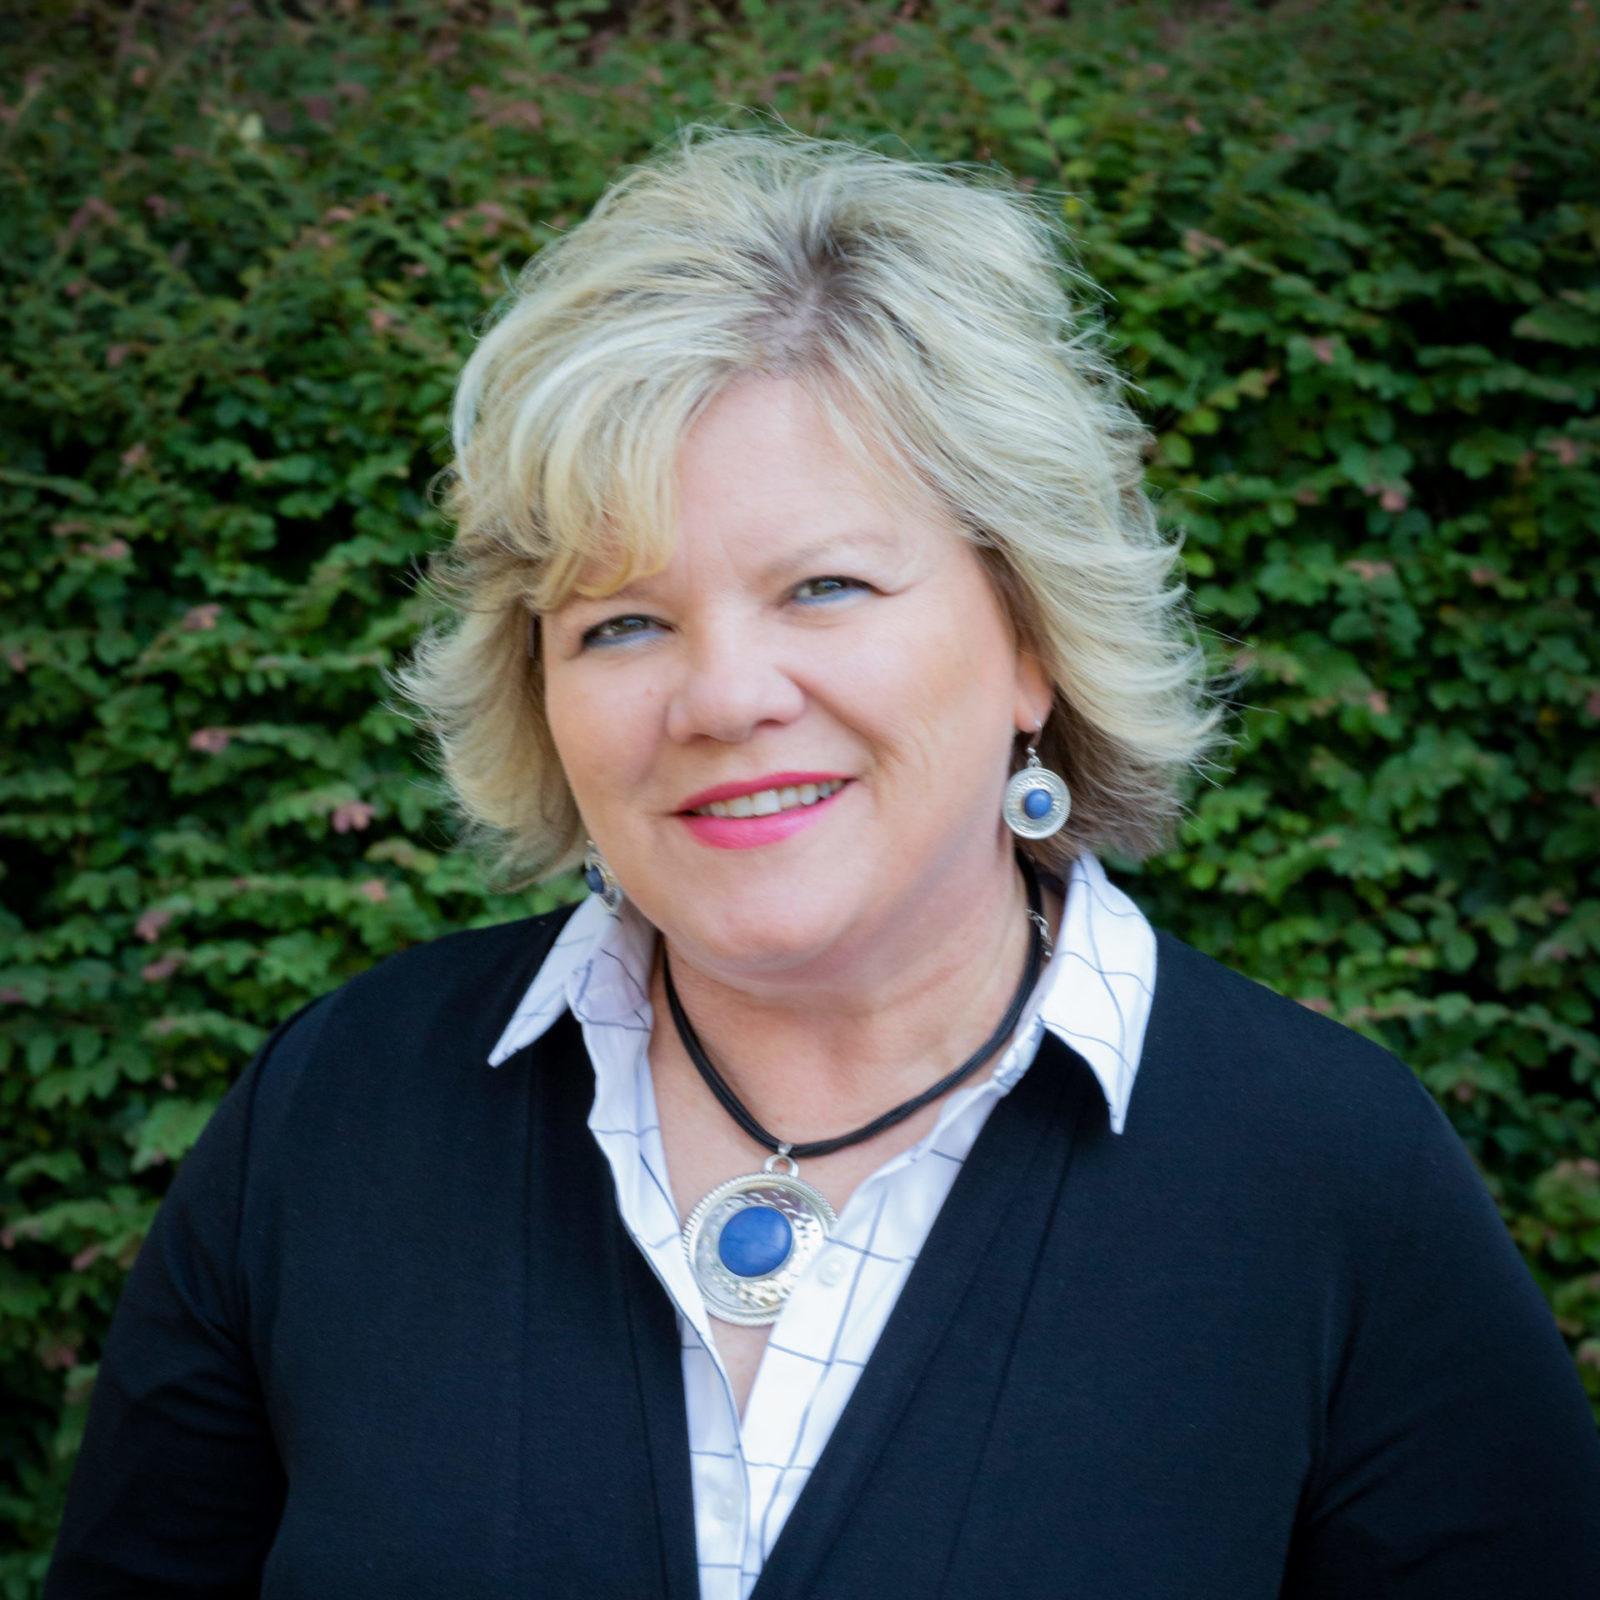 Headshot of Vickie Callahan